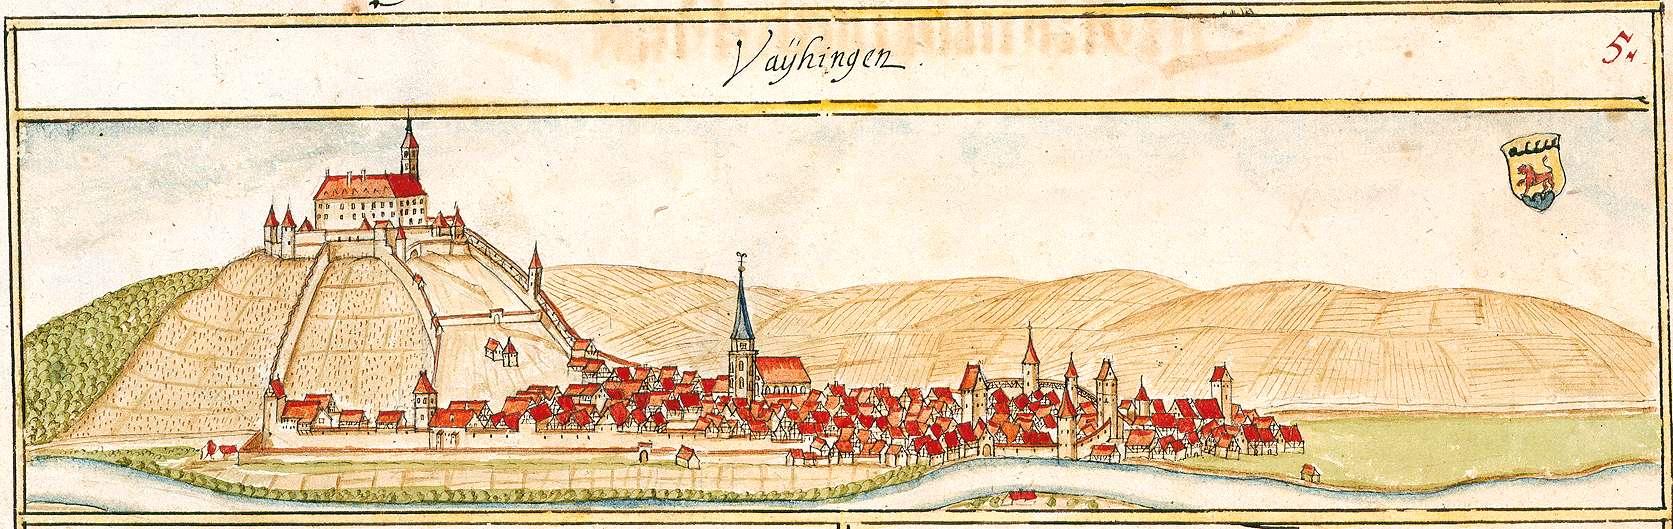 Vaihingen/Enz LB, Bild 1